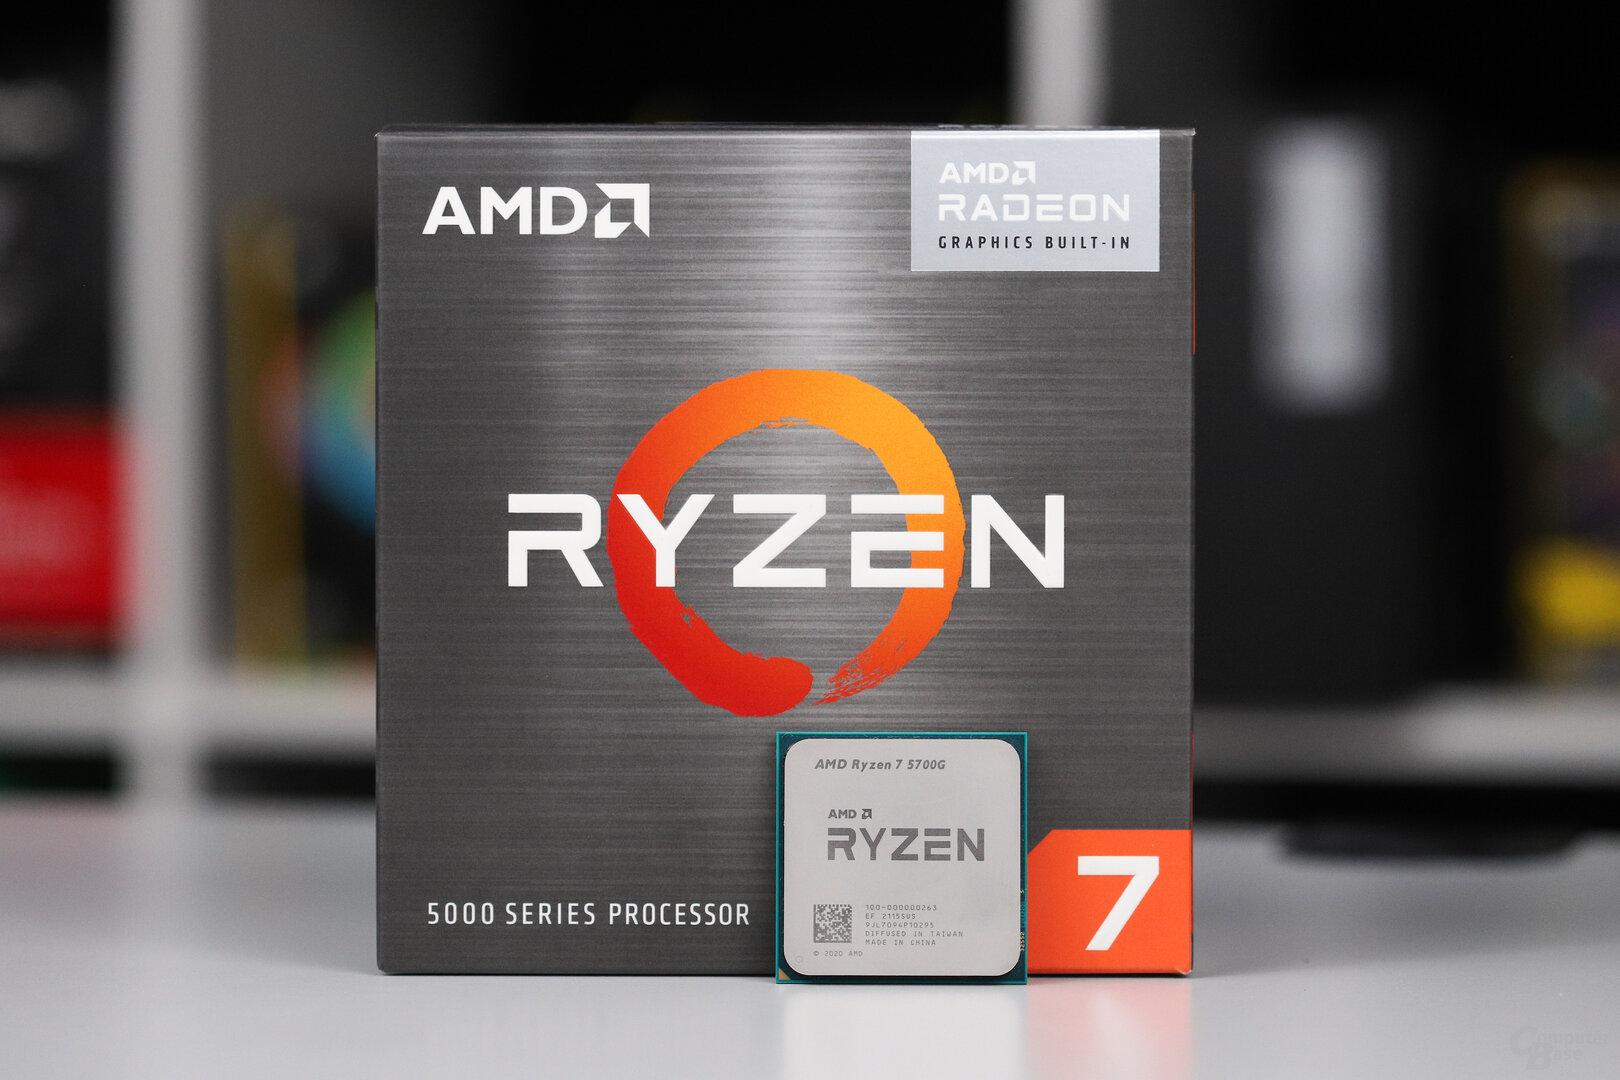 AMD Ryzen 7 5700G